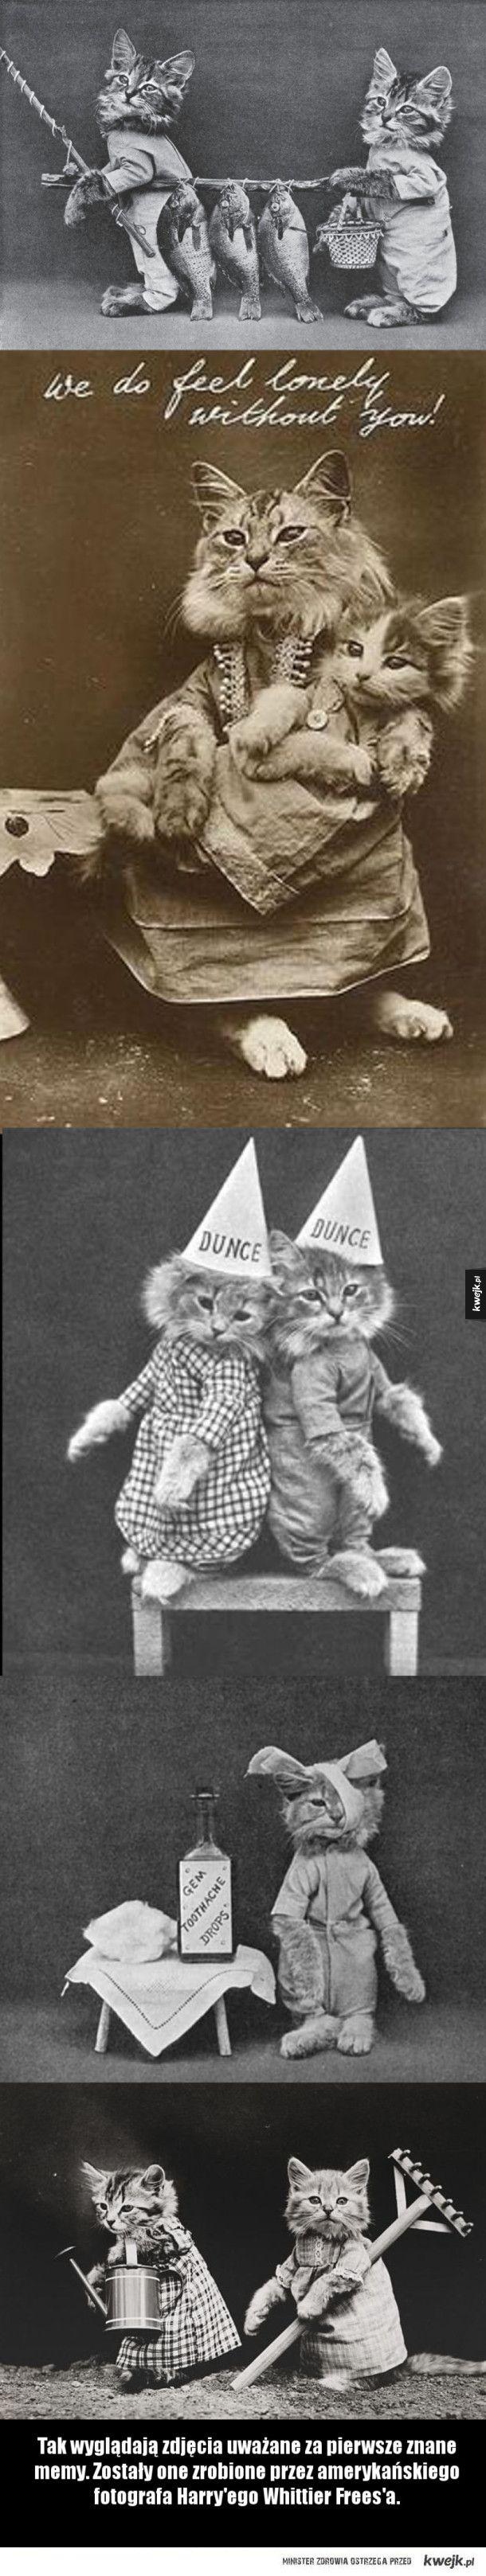 #pierwszememy #memy #ciekawostka #kot #kwejk #fotografia #historia